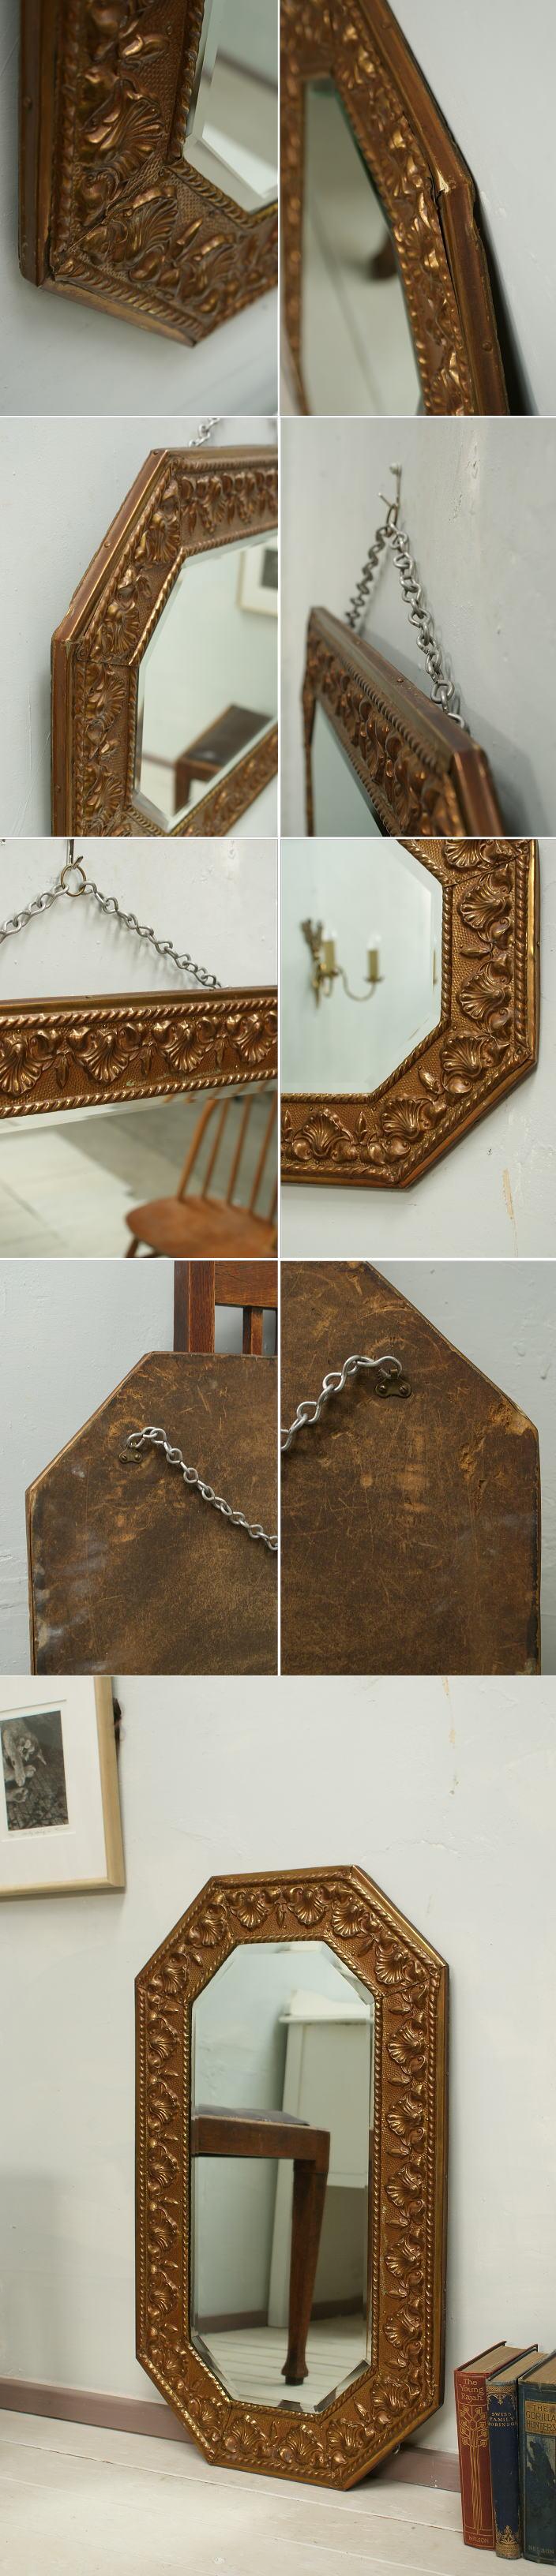 イギリス アンティーク ウォールミラー 壁掛け鏡 ゴージャス1620